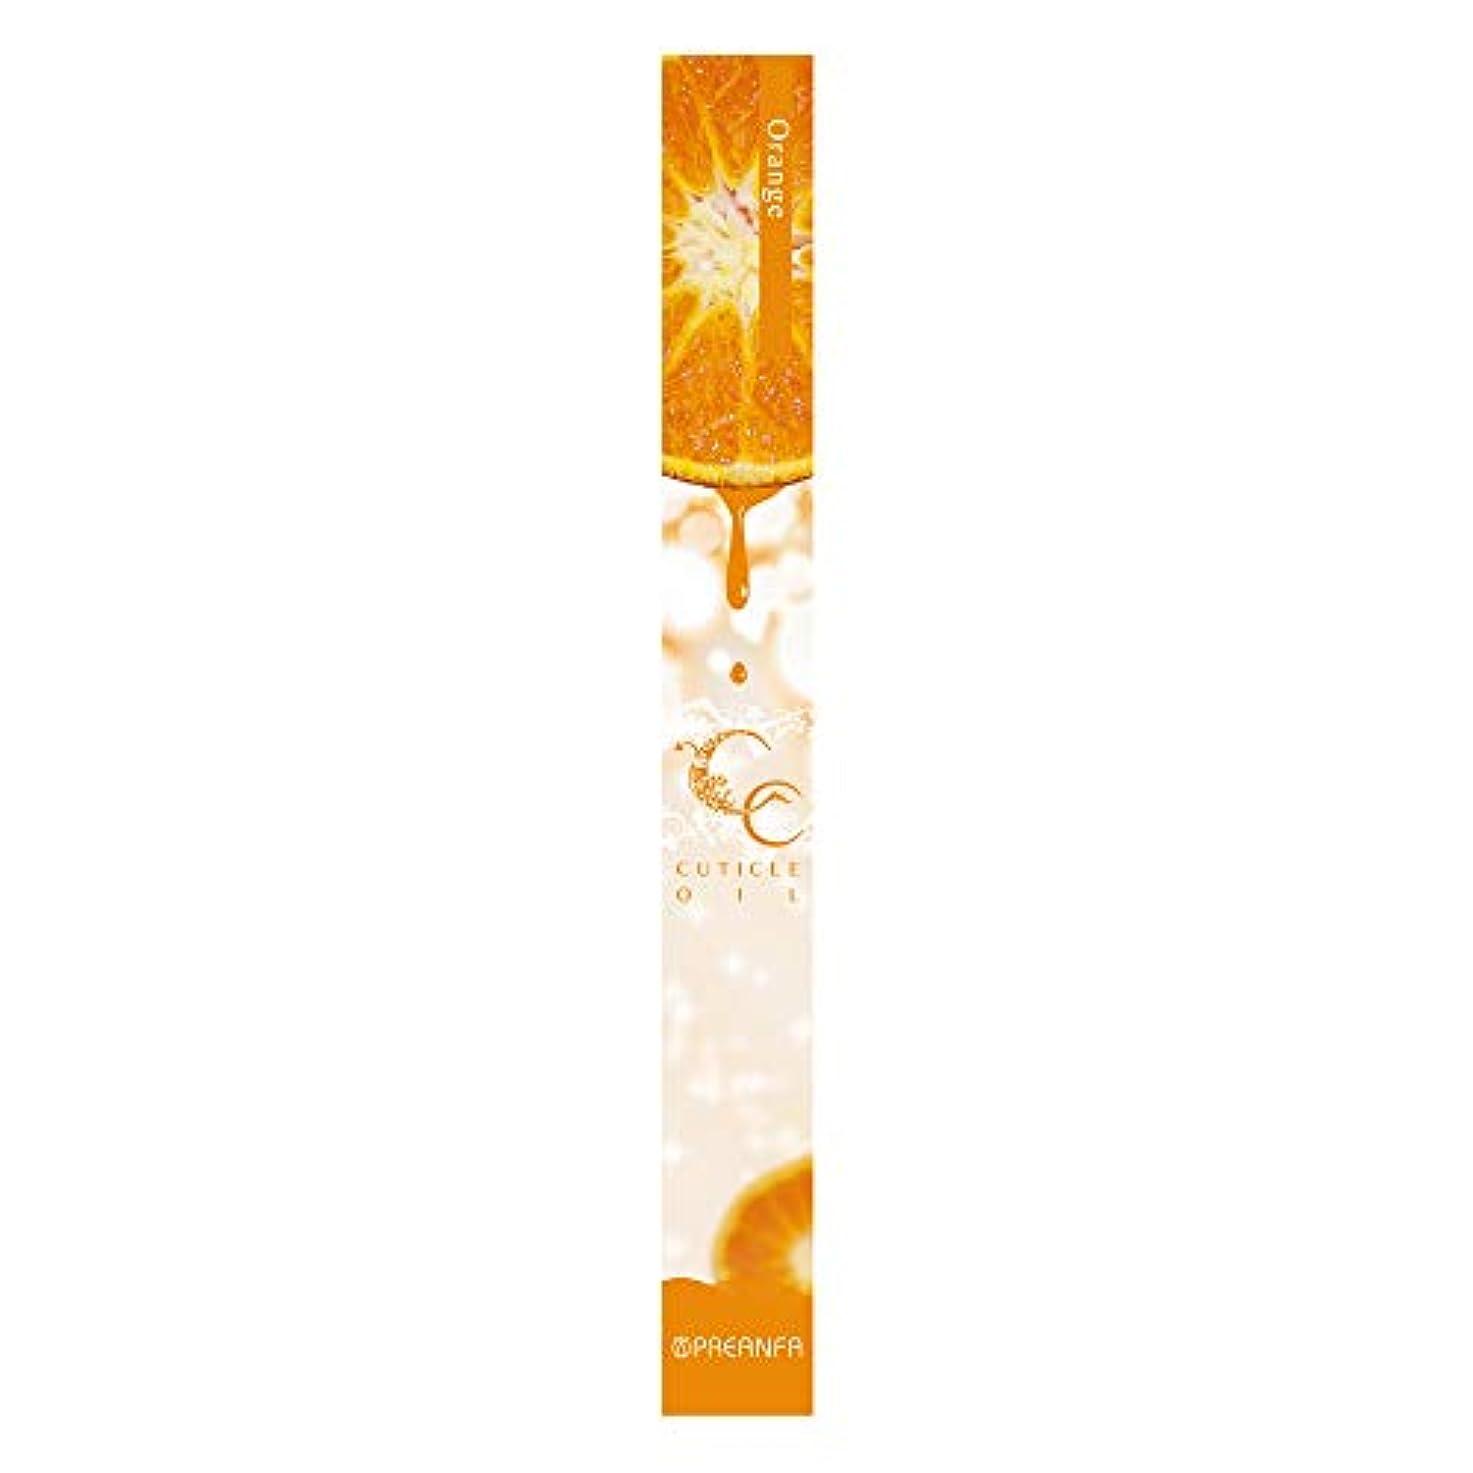 損なう枯れる考古学プリジェル 甘皮ケア CCキューティクルオイル オレンジ 4.5g 保湿オイル ペンタイプ